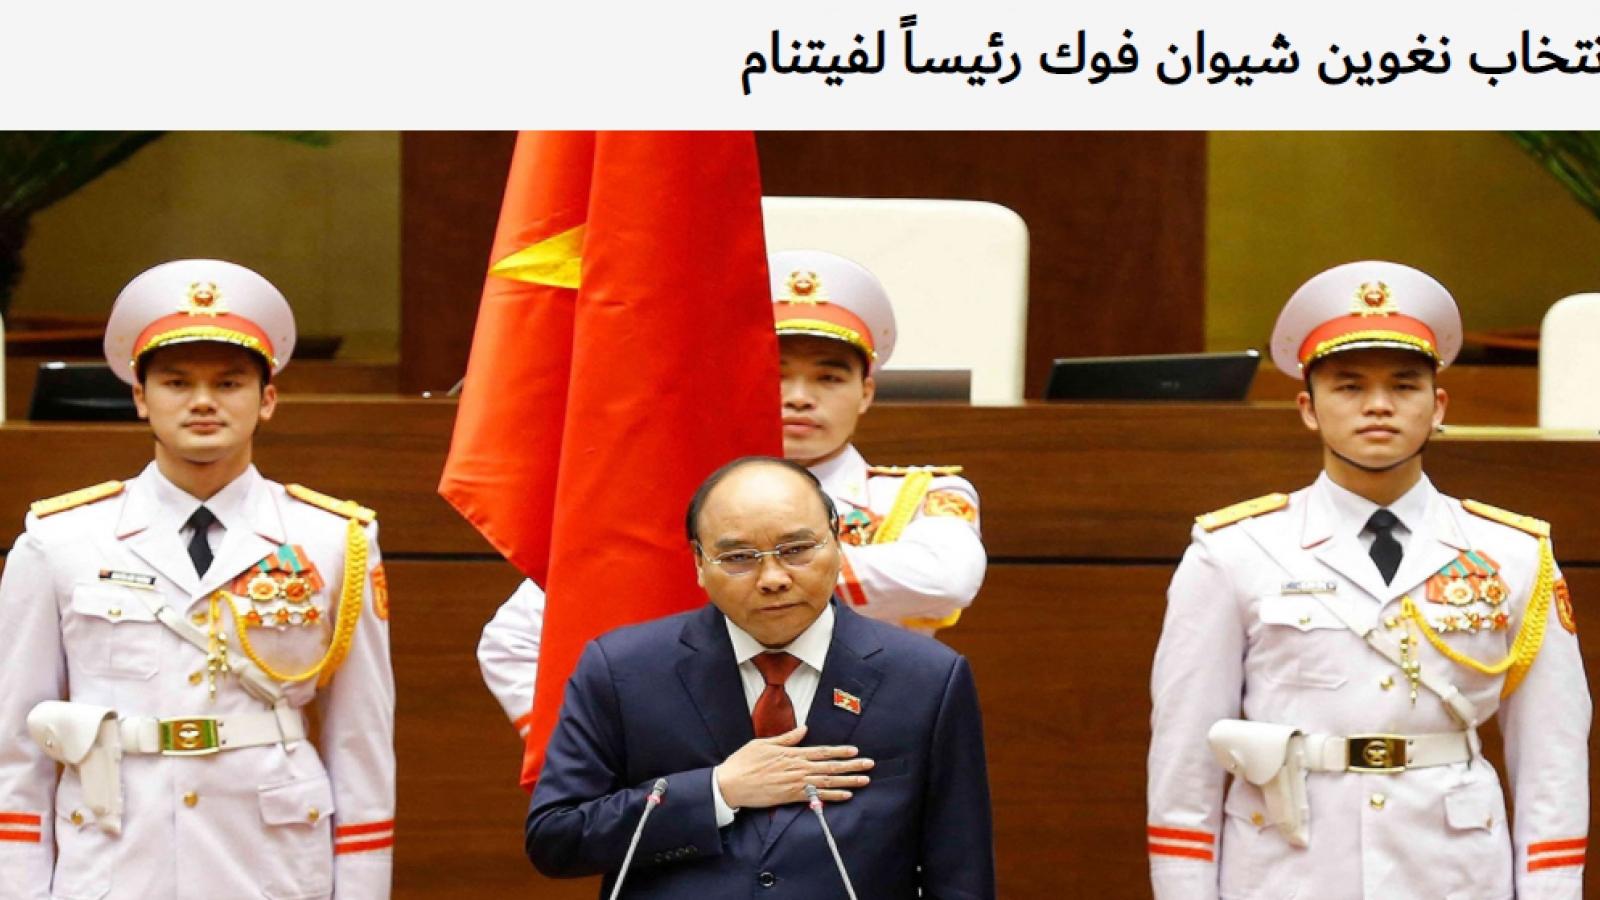 Báo chí Trung Đông, châu Phi đưa tin đậm nét về lãnh đạo cấp cao mới của Việt Nam